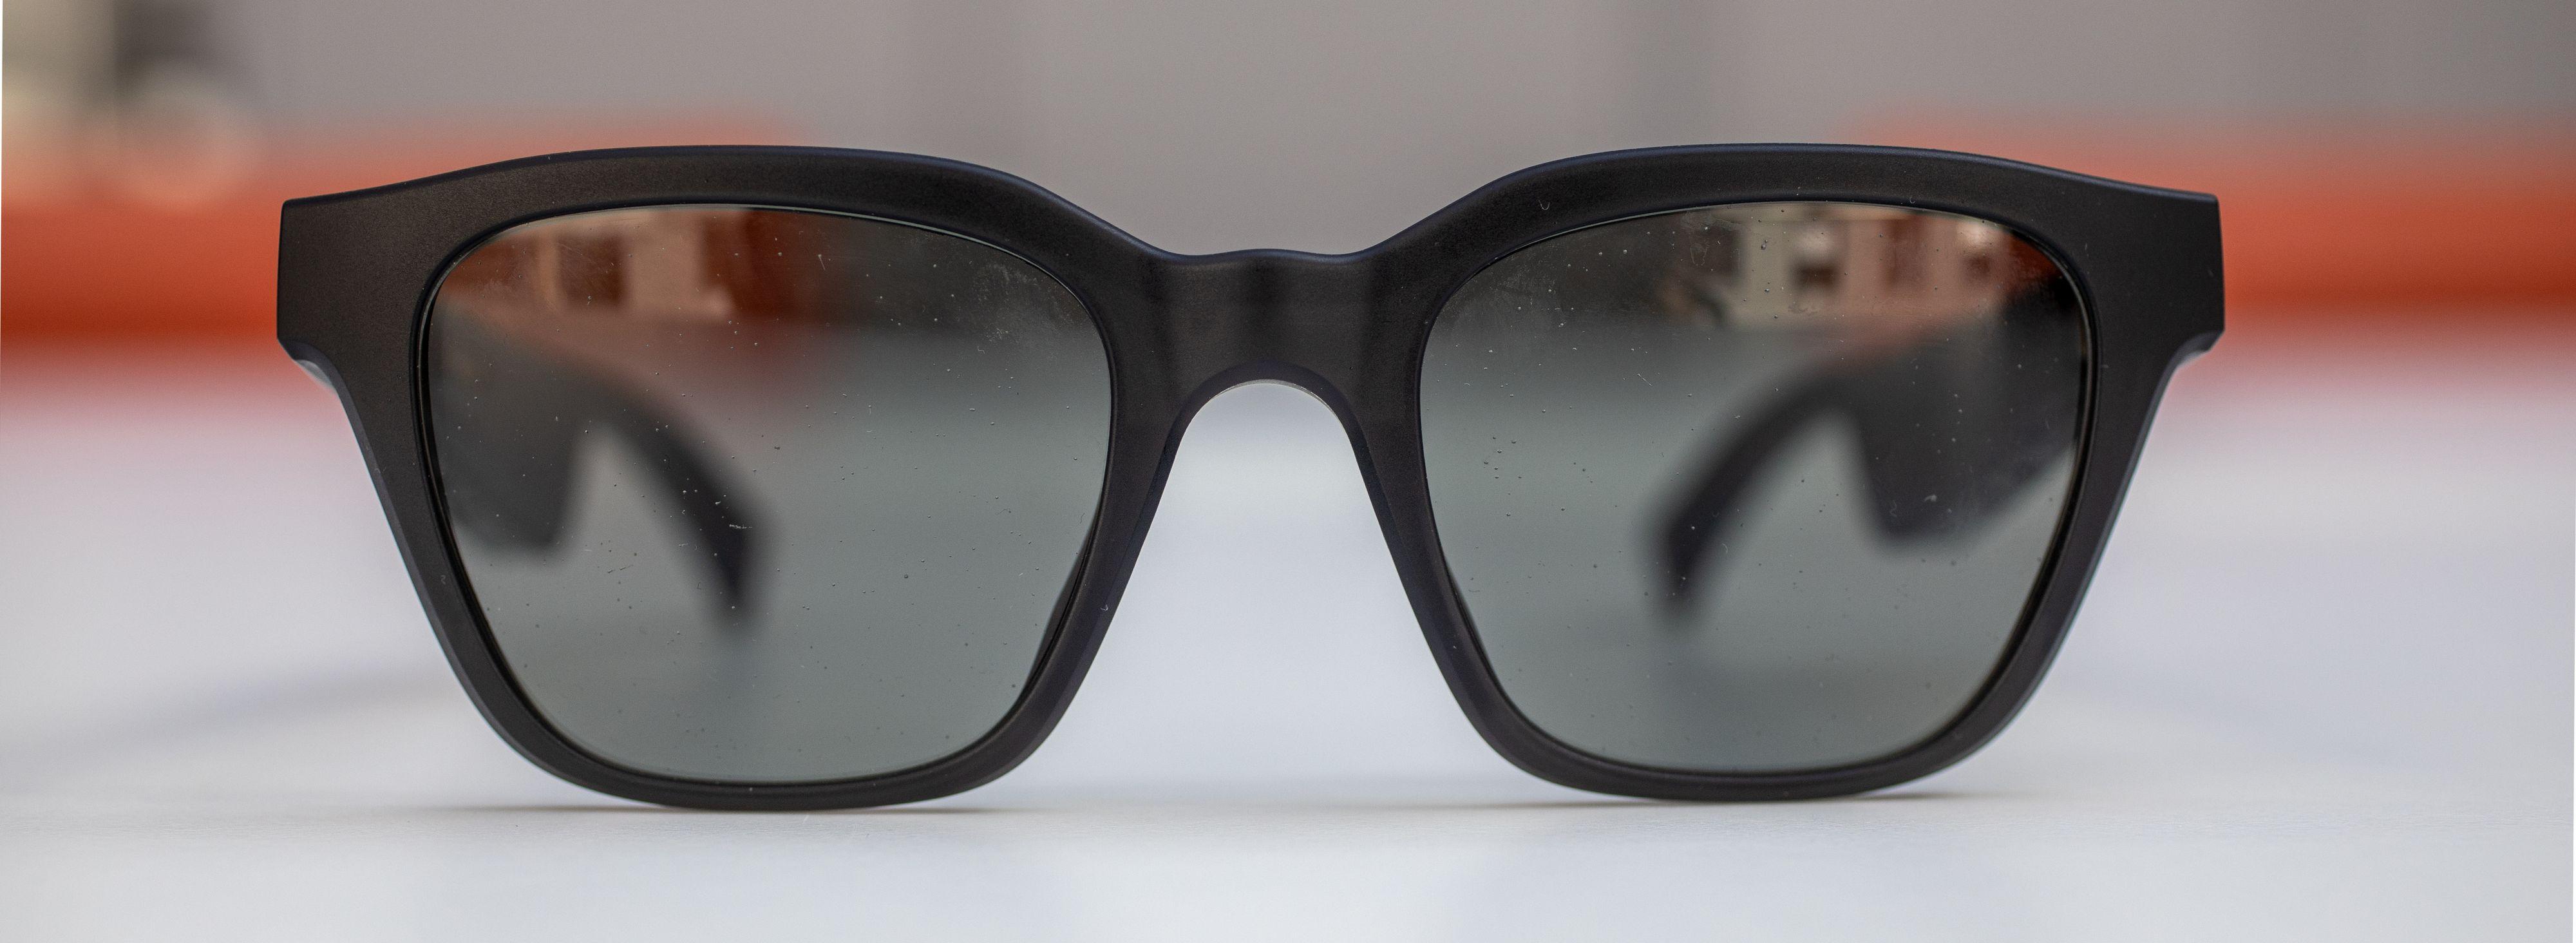 Fra fremsiden ser Alto utvilsomt ut som vanlige solbriller.